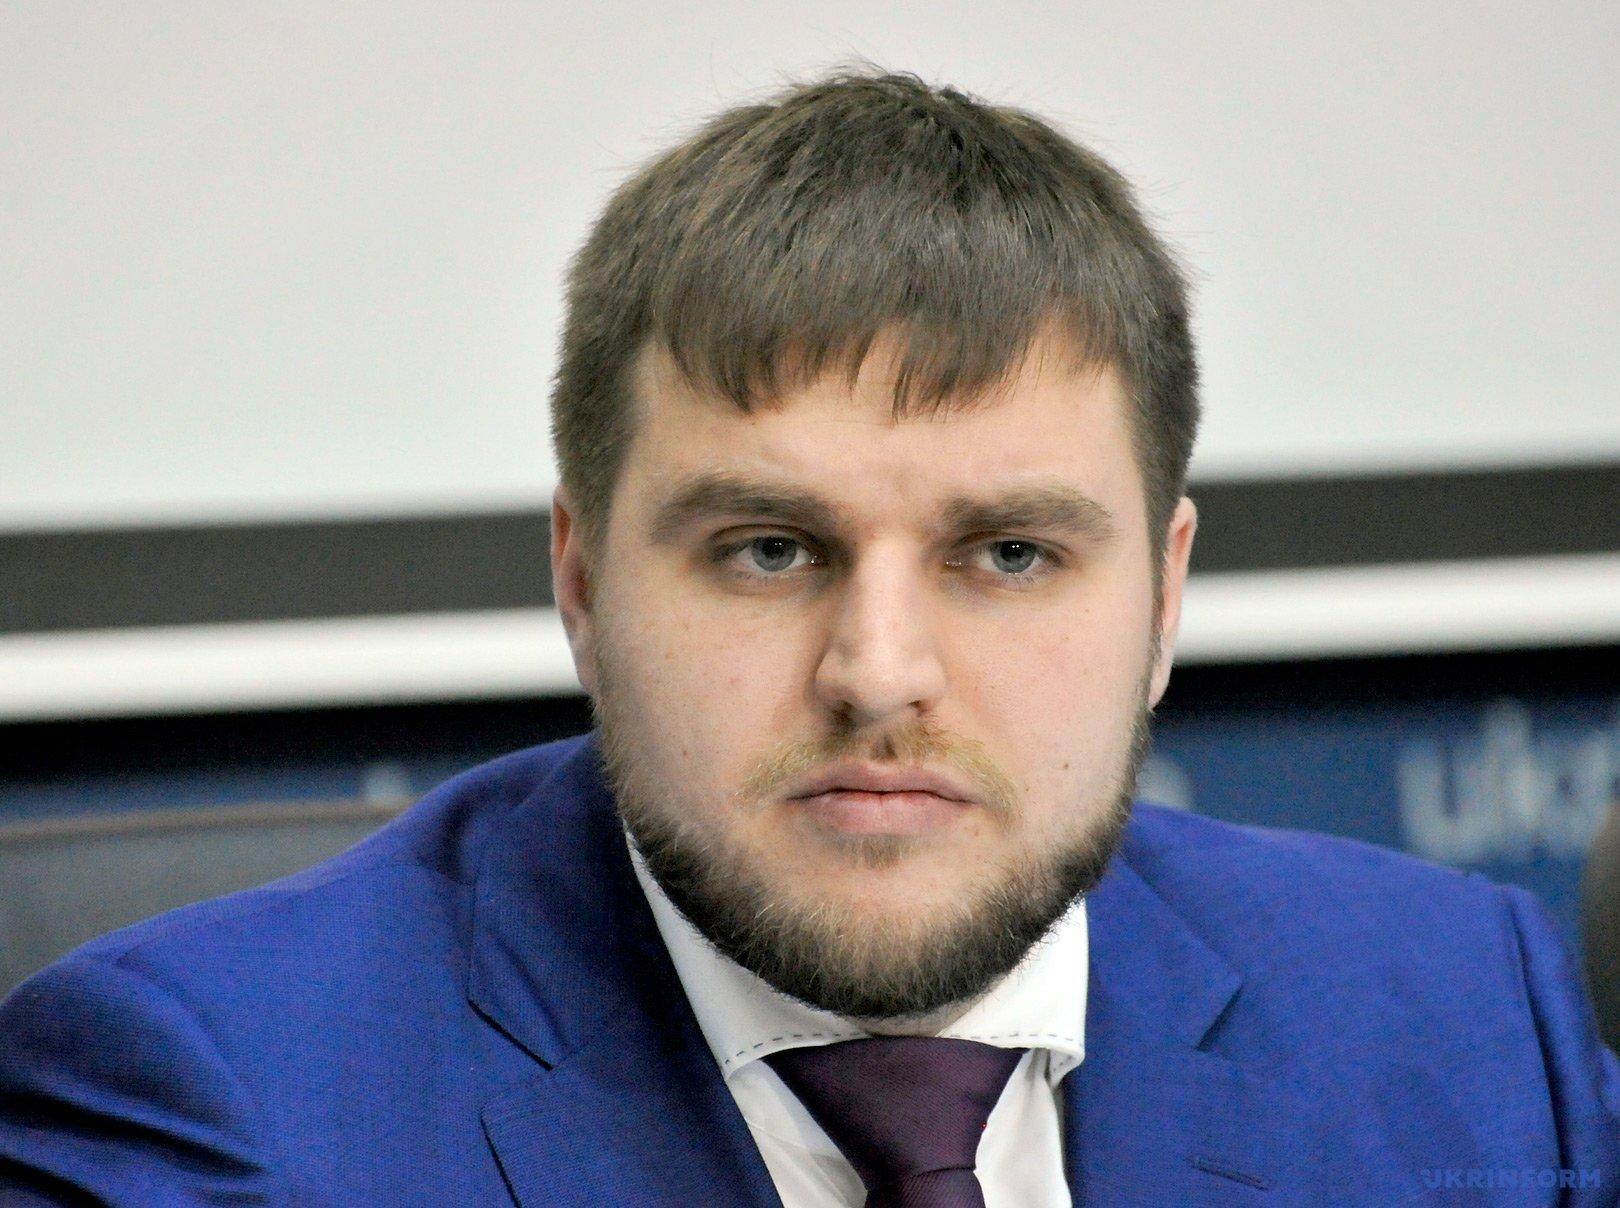 Віктор Вишньов, гендиректор СЕТАМ // Фото: Ільєнко Юрій, Укрінформ